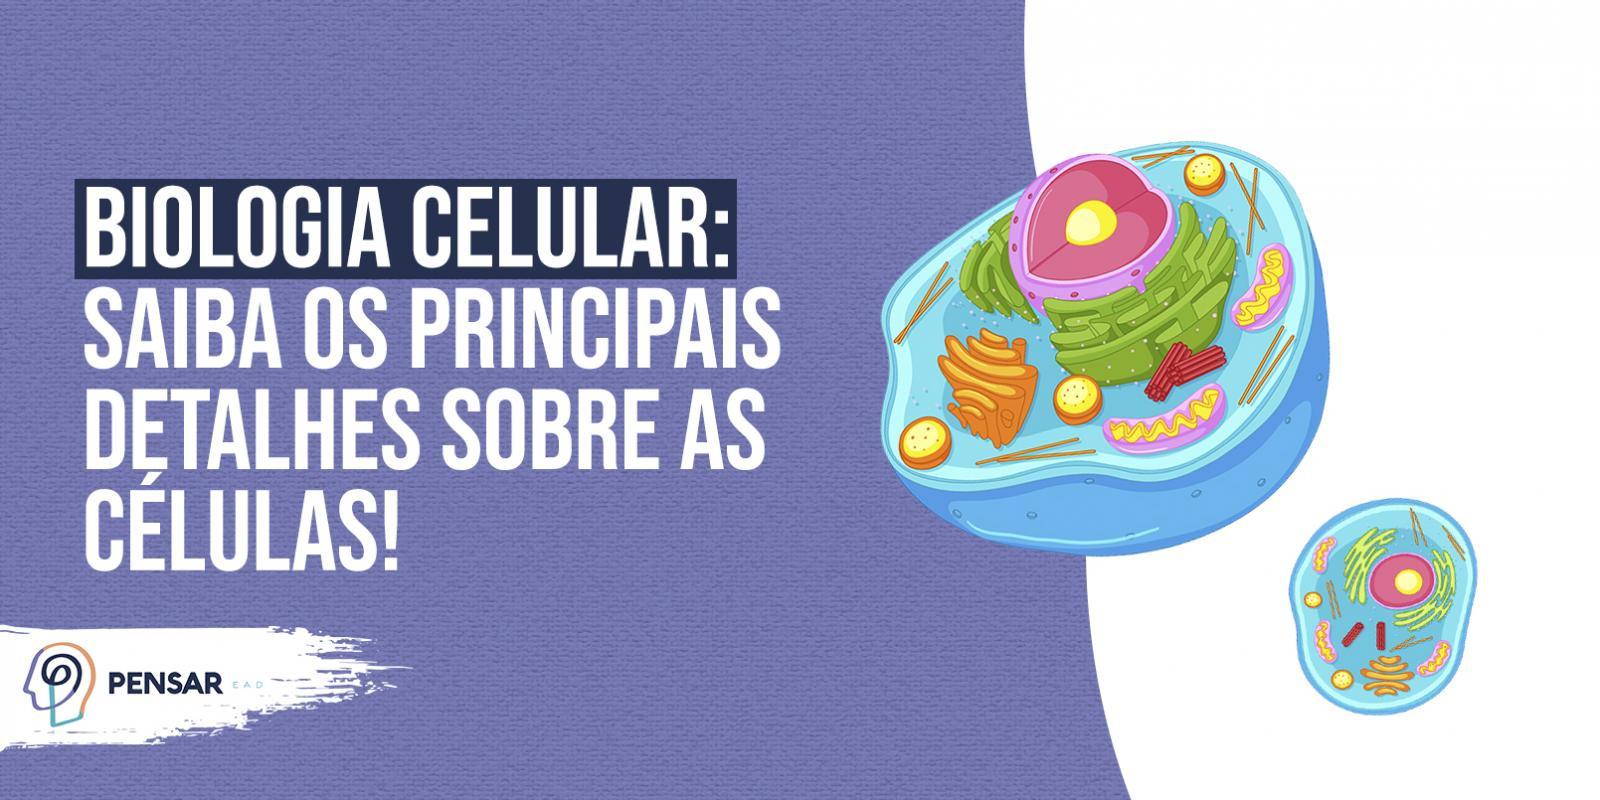 Biologia Celular: saiba os principais detalhes sobre as células!